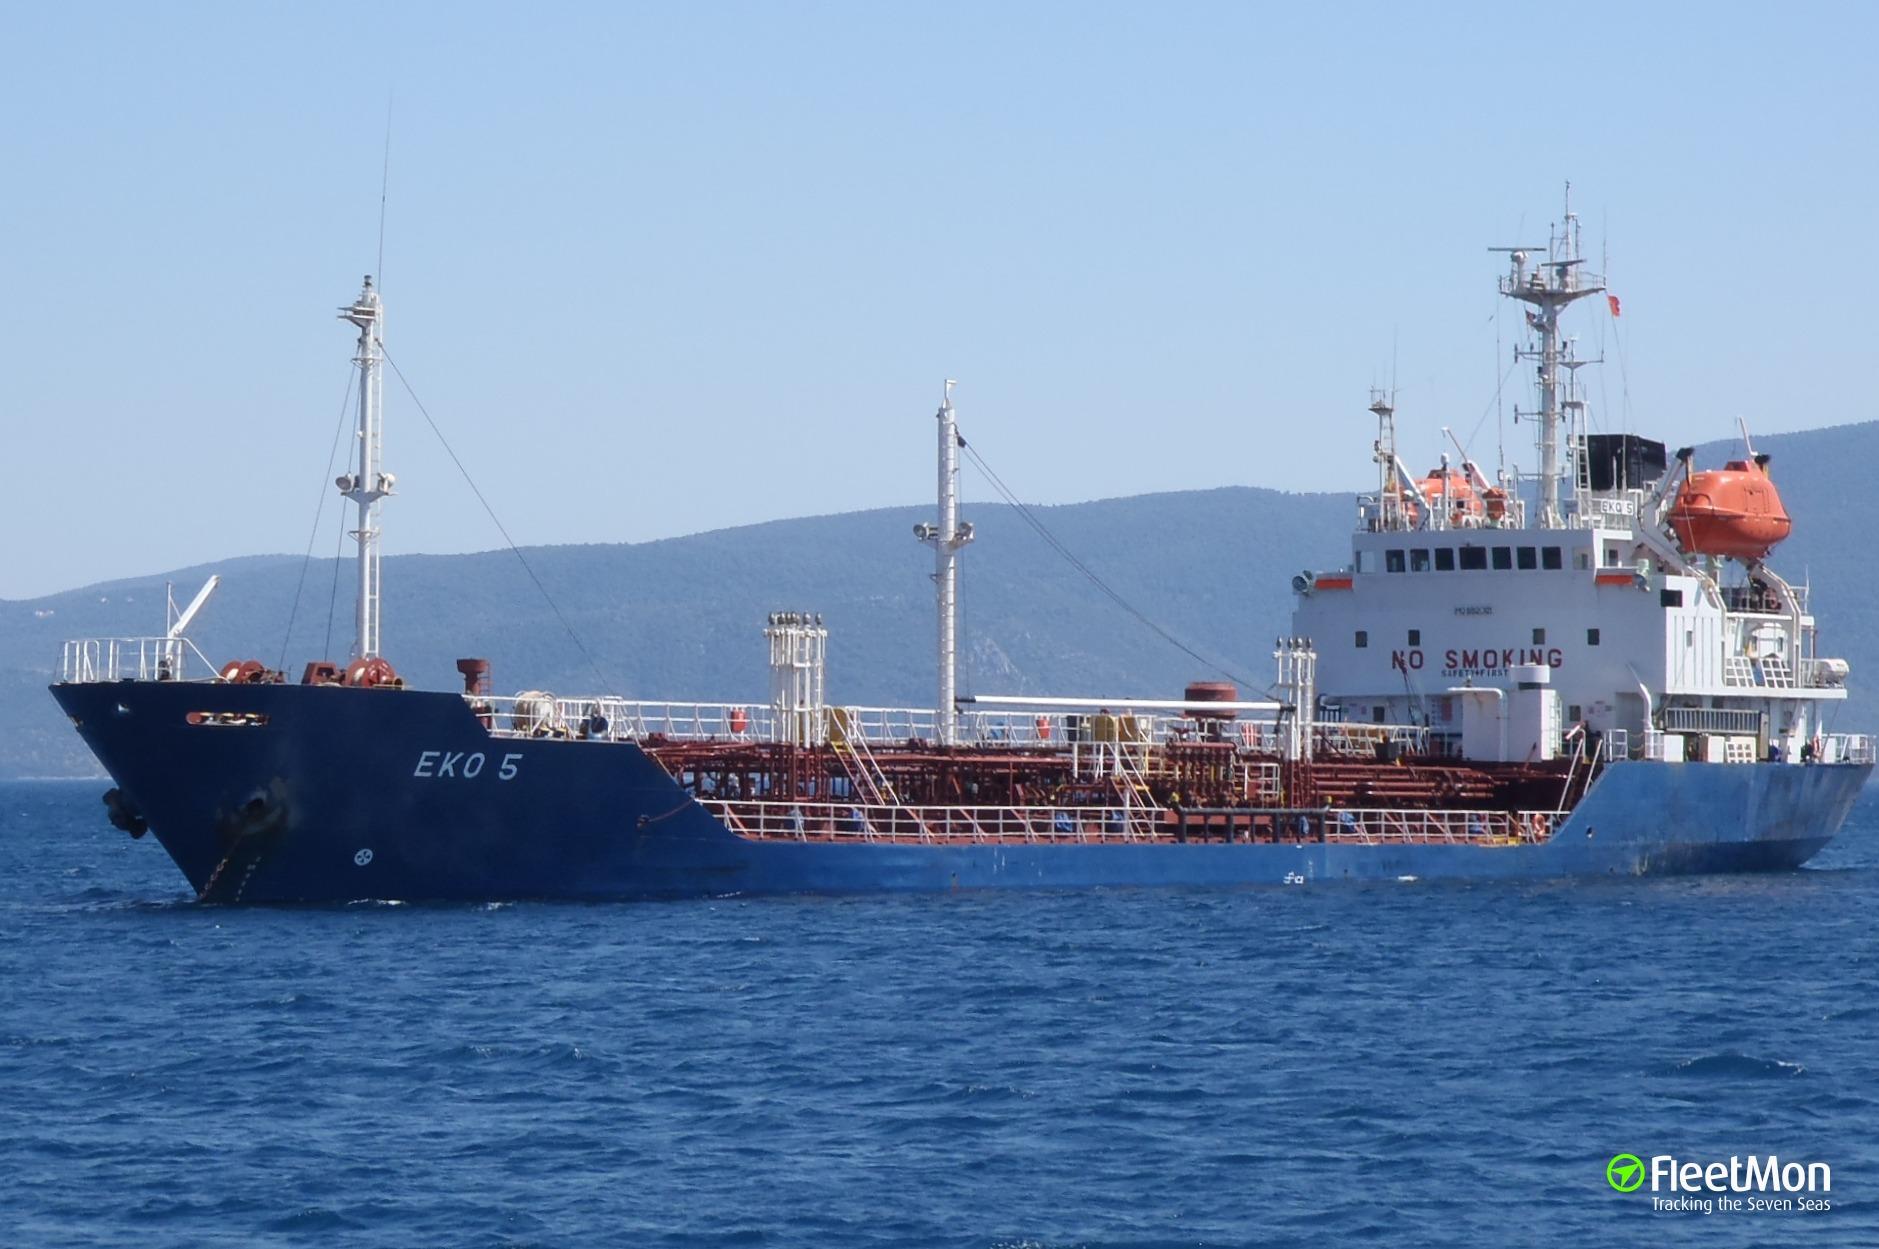 Chemical tanker EKO 5 troubled in Aegean sea